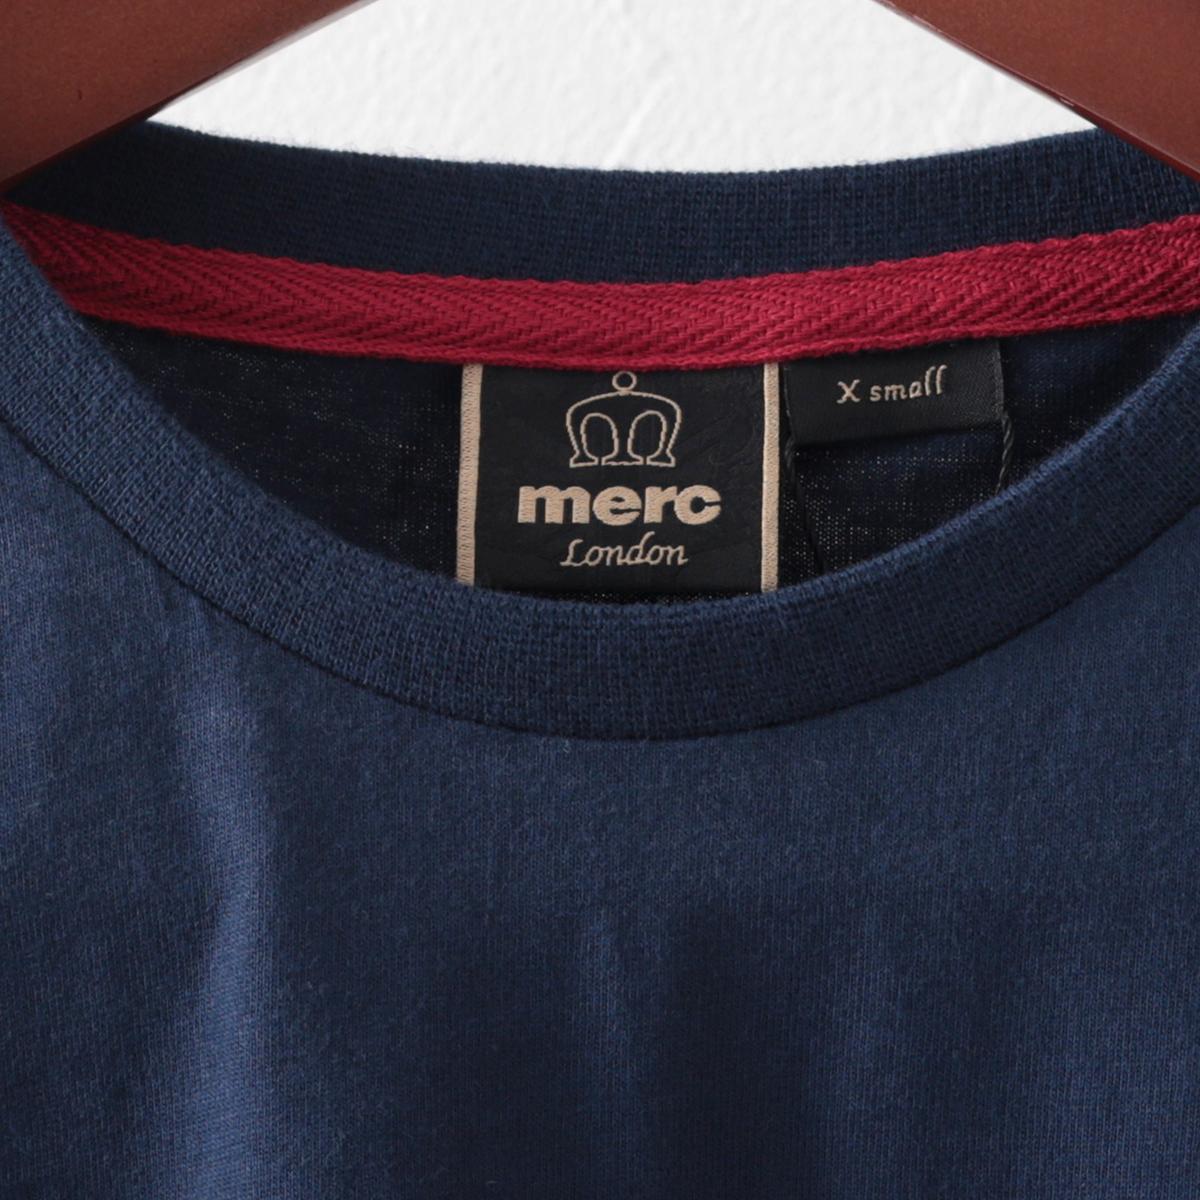 Merc London メルクロンドン メンズ Tシャツ カラーブロック ストライプ ボーダー ブラック ネイビー 2色 モッズファッション カーター